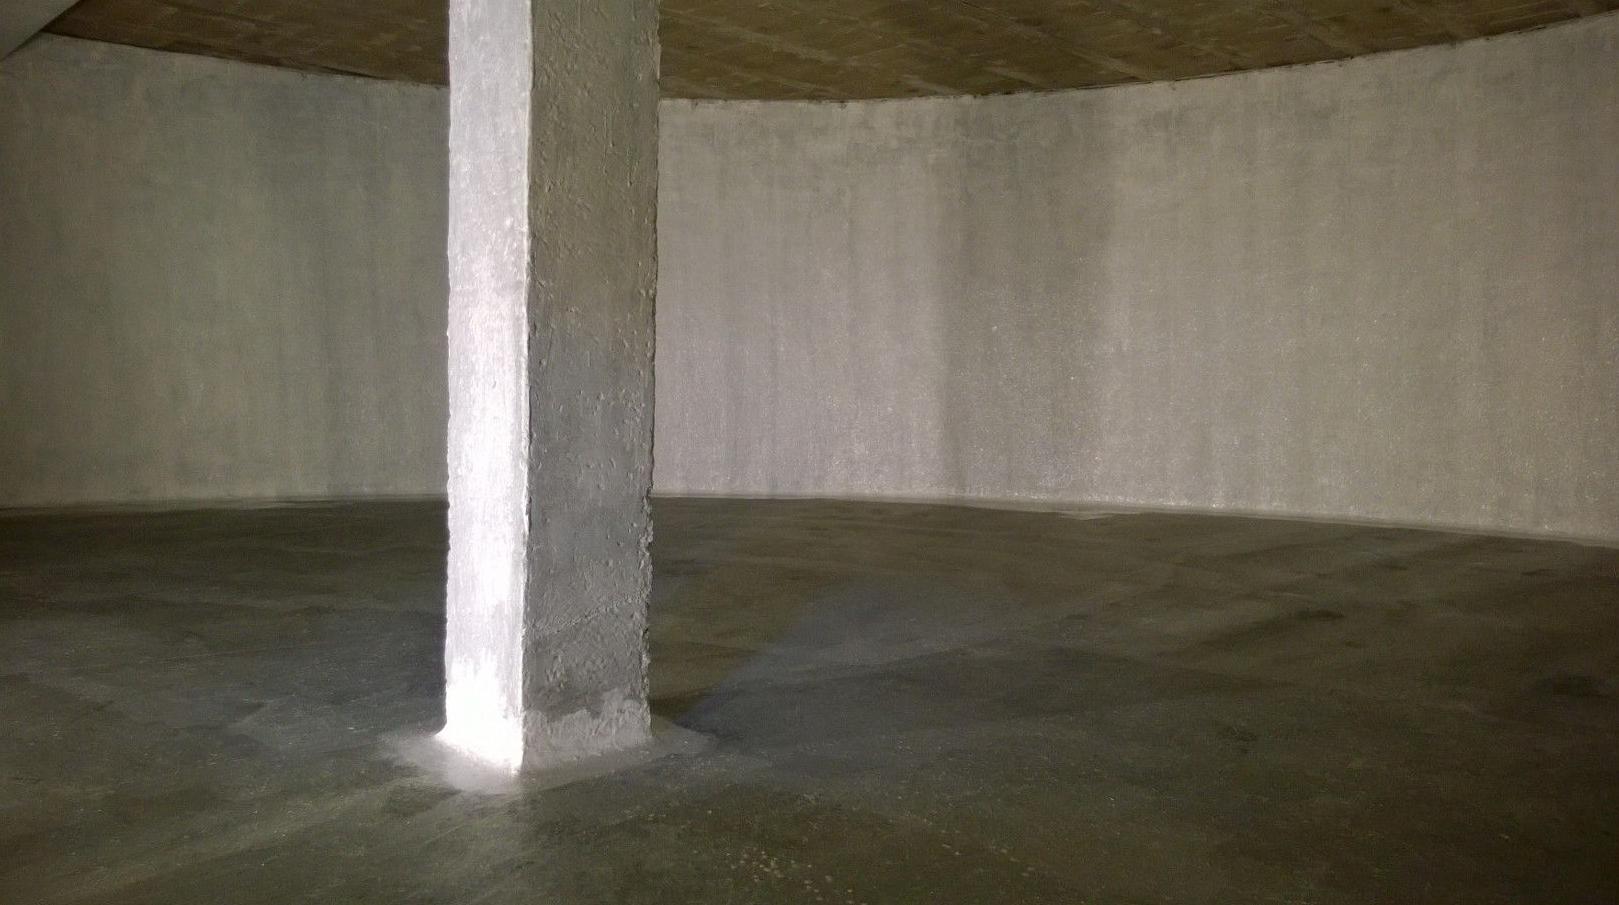 Impermeabilizacion paredes y viga deposito subterraneo.